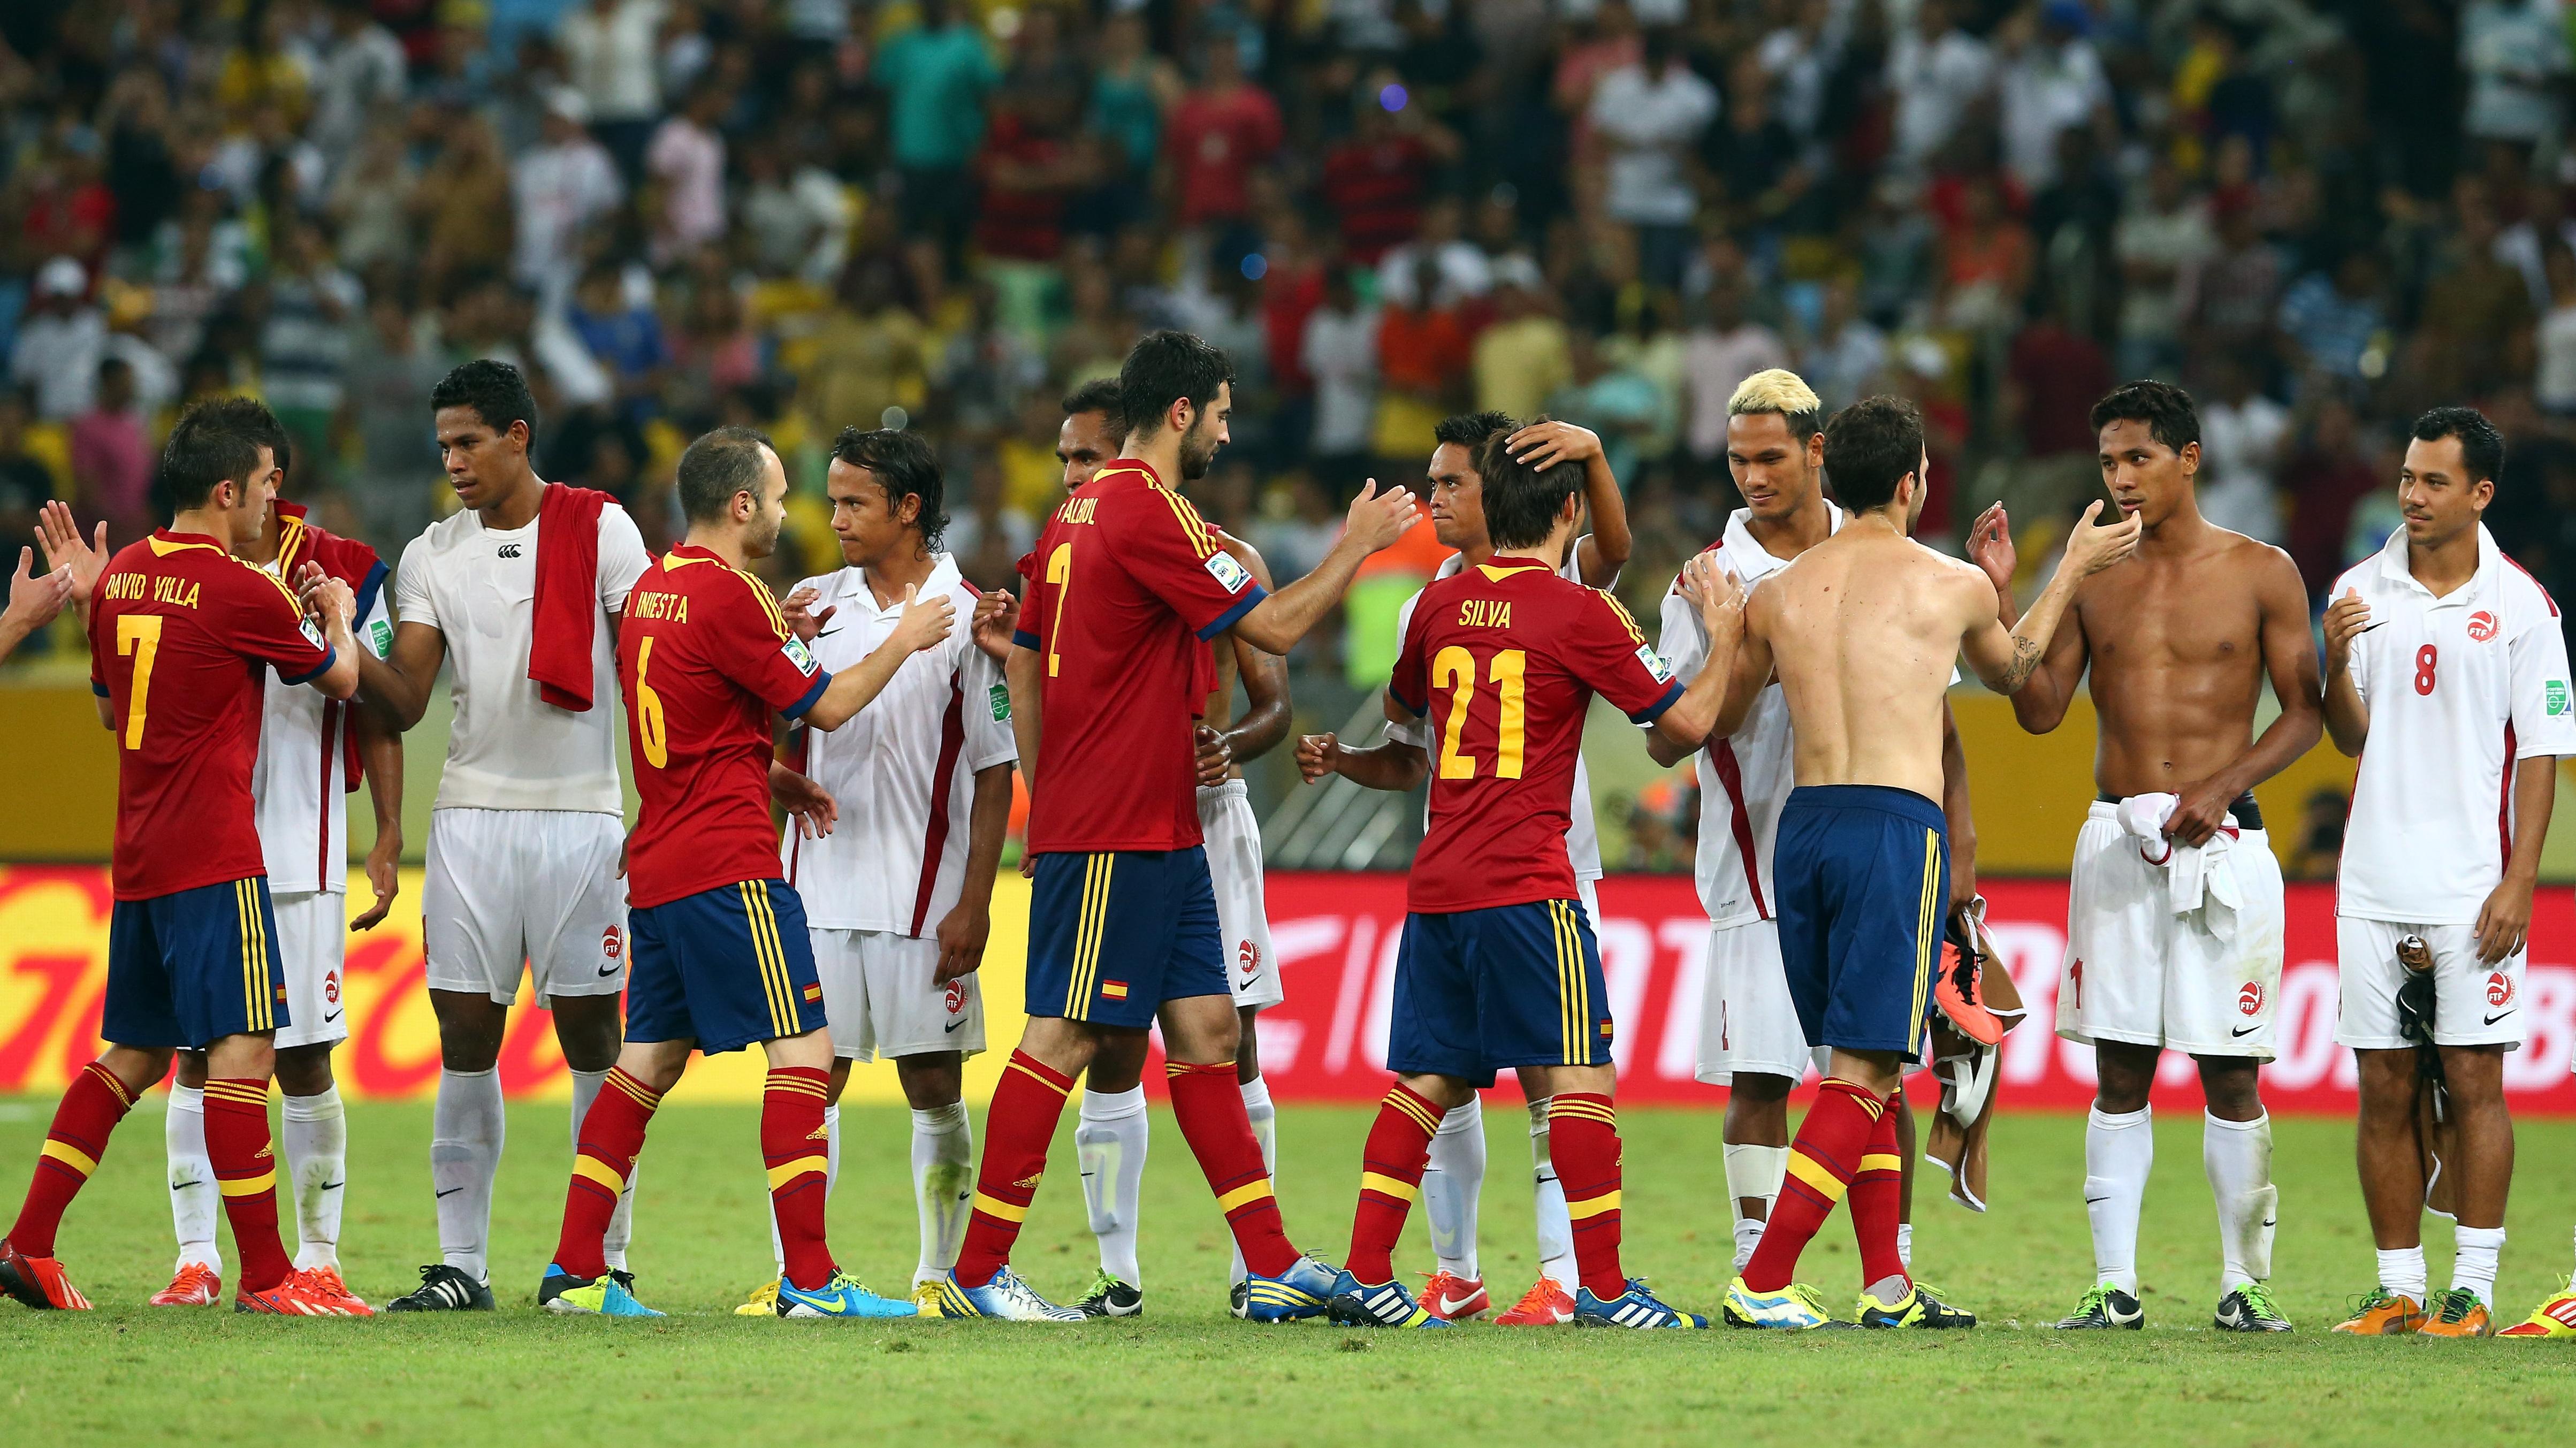 Soccer: Tahiti Loses, 10-0, And Keeps Celebrating In Brazil